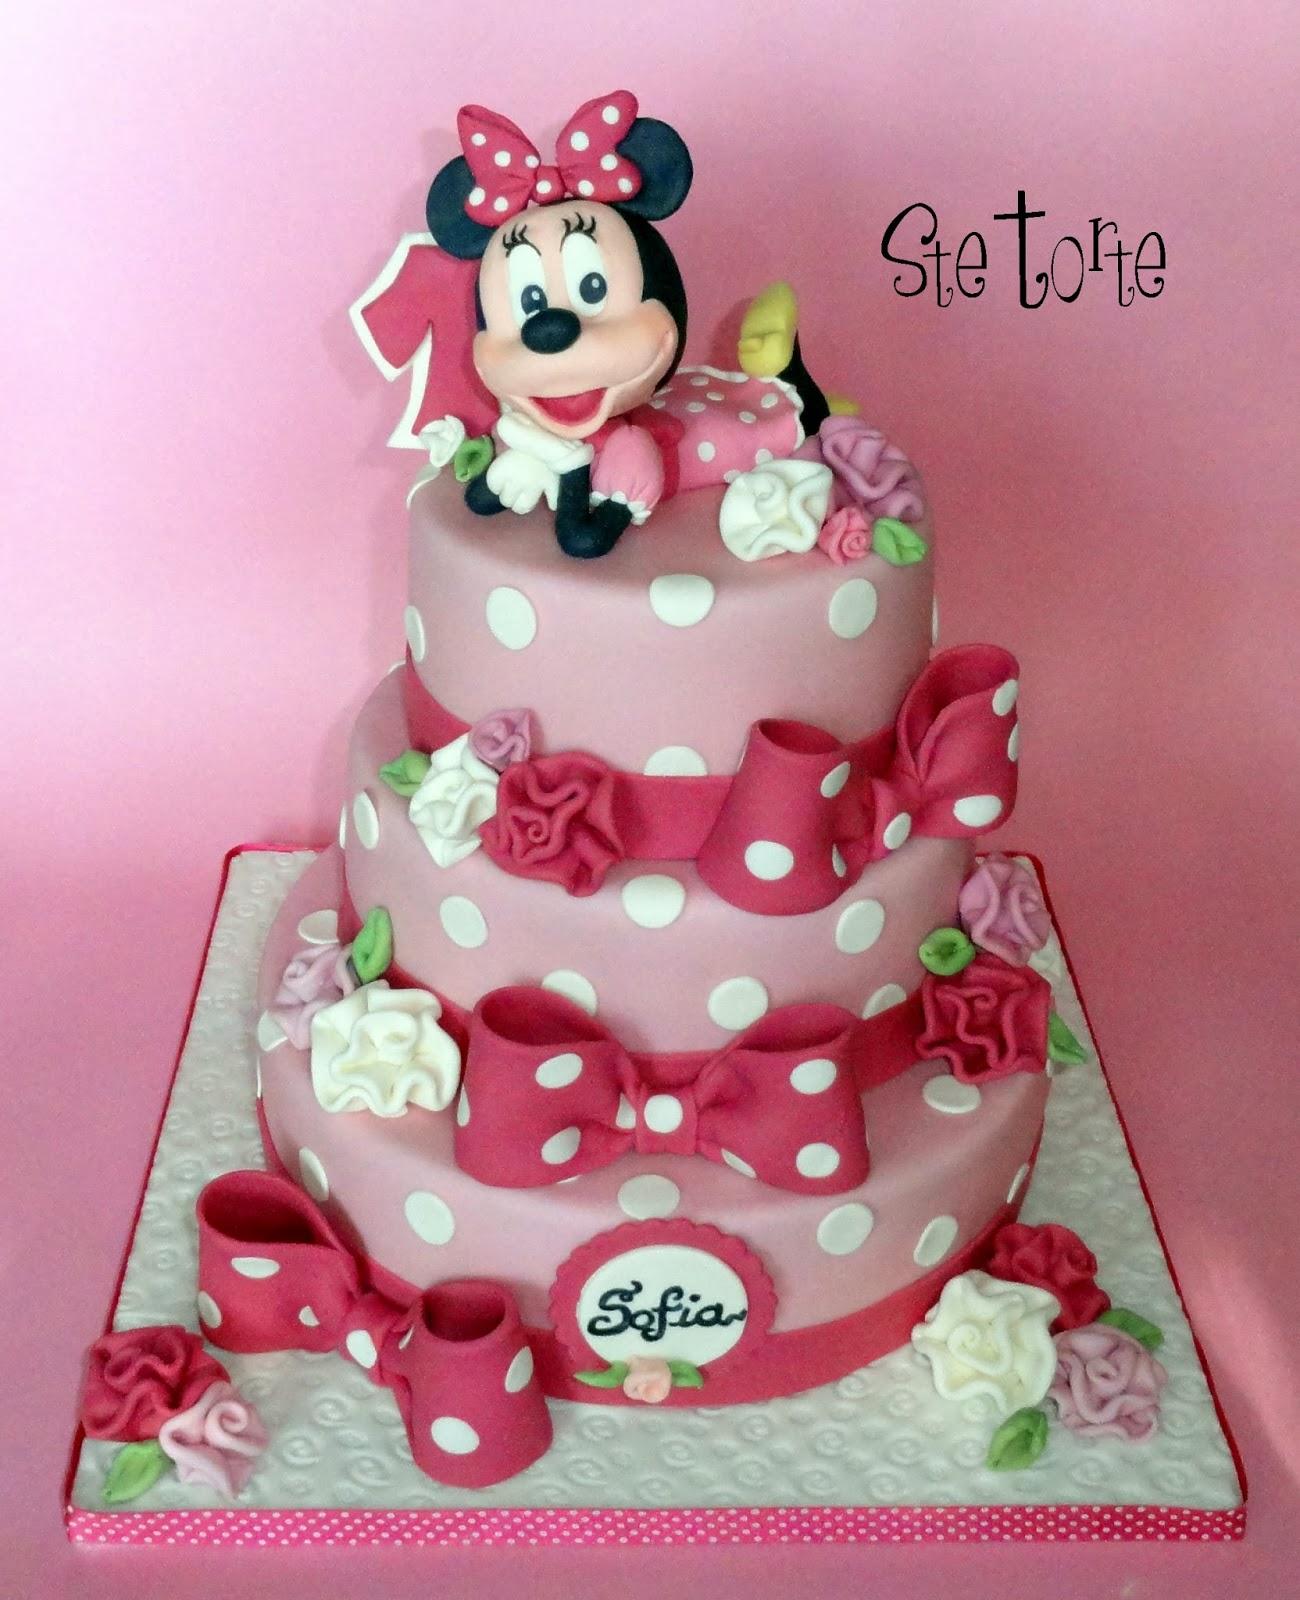 Eccezionale Ste torte: Torta Minnie primo compleanno WO56